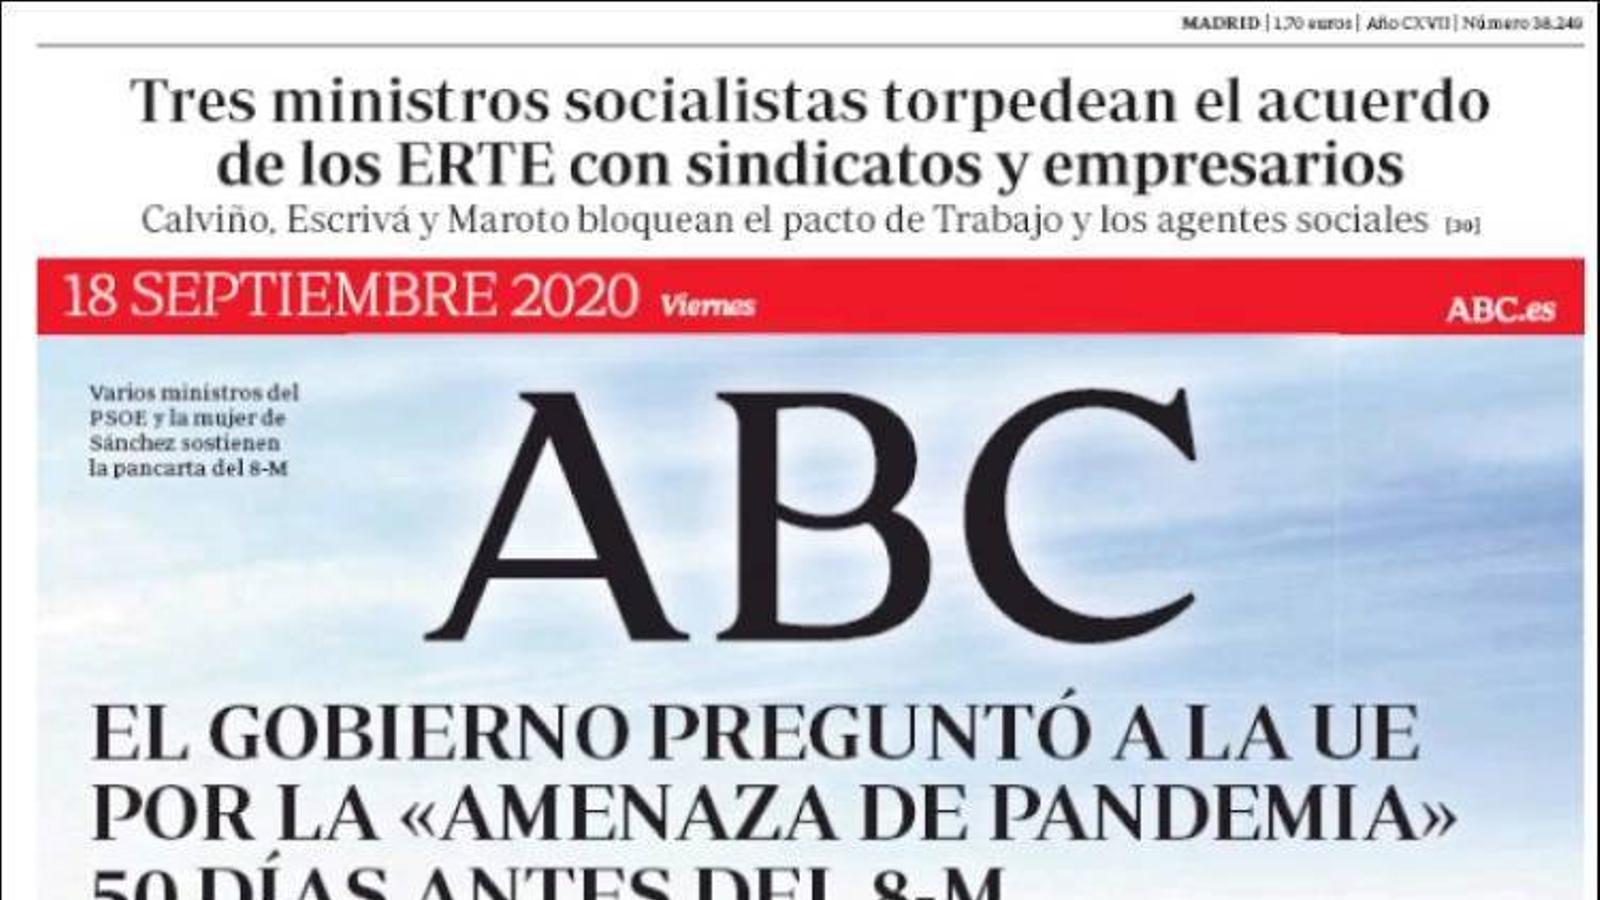 Portada de l'Abc, 18 de setembre del 2020